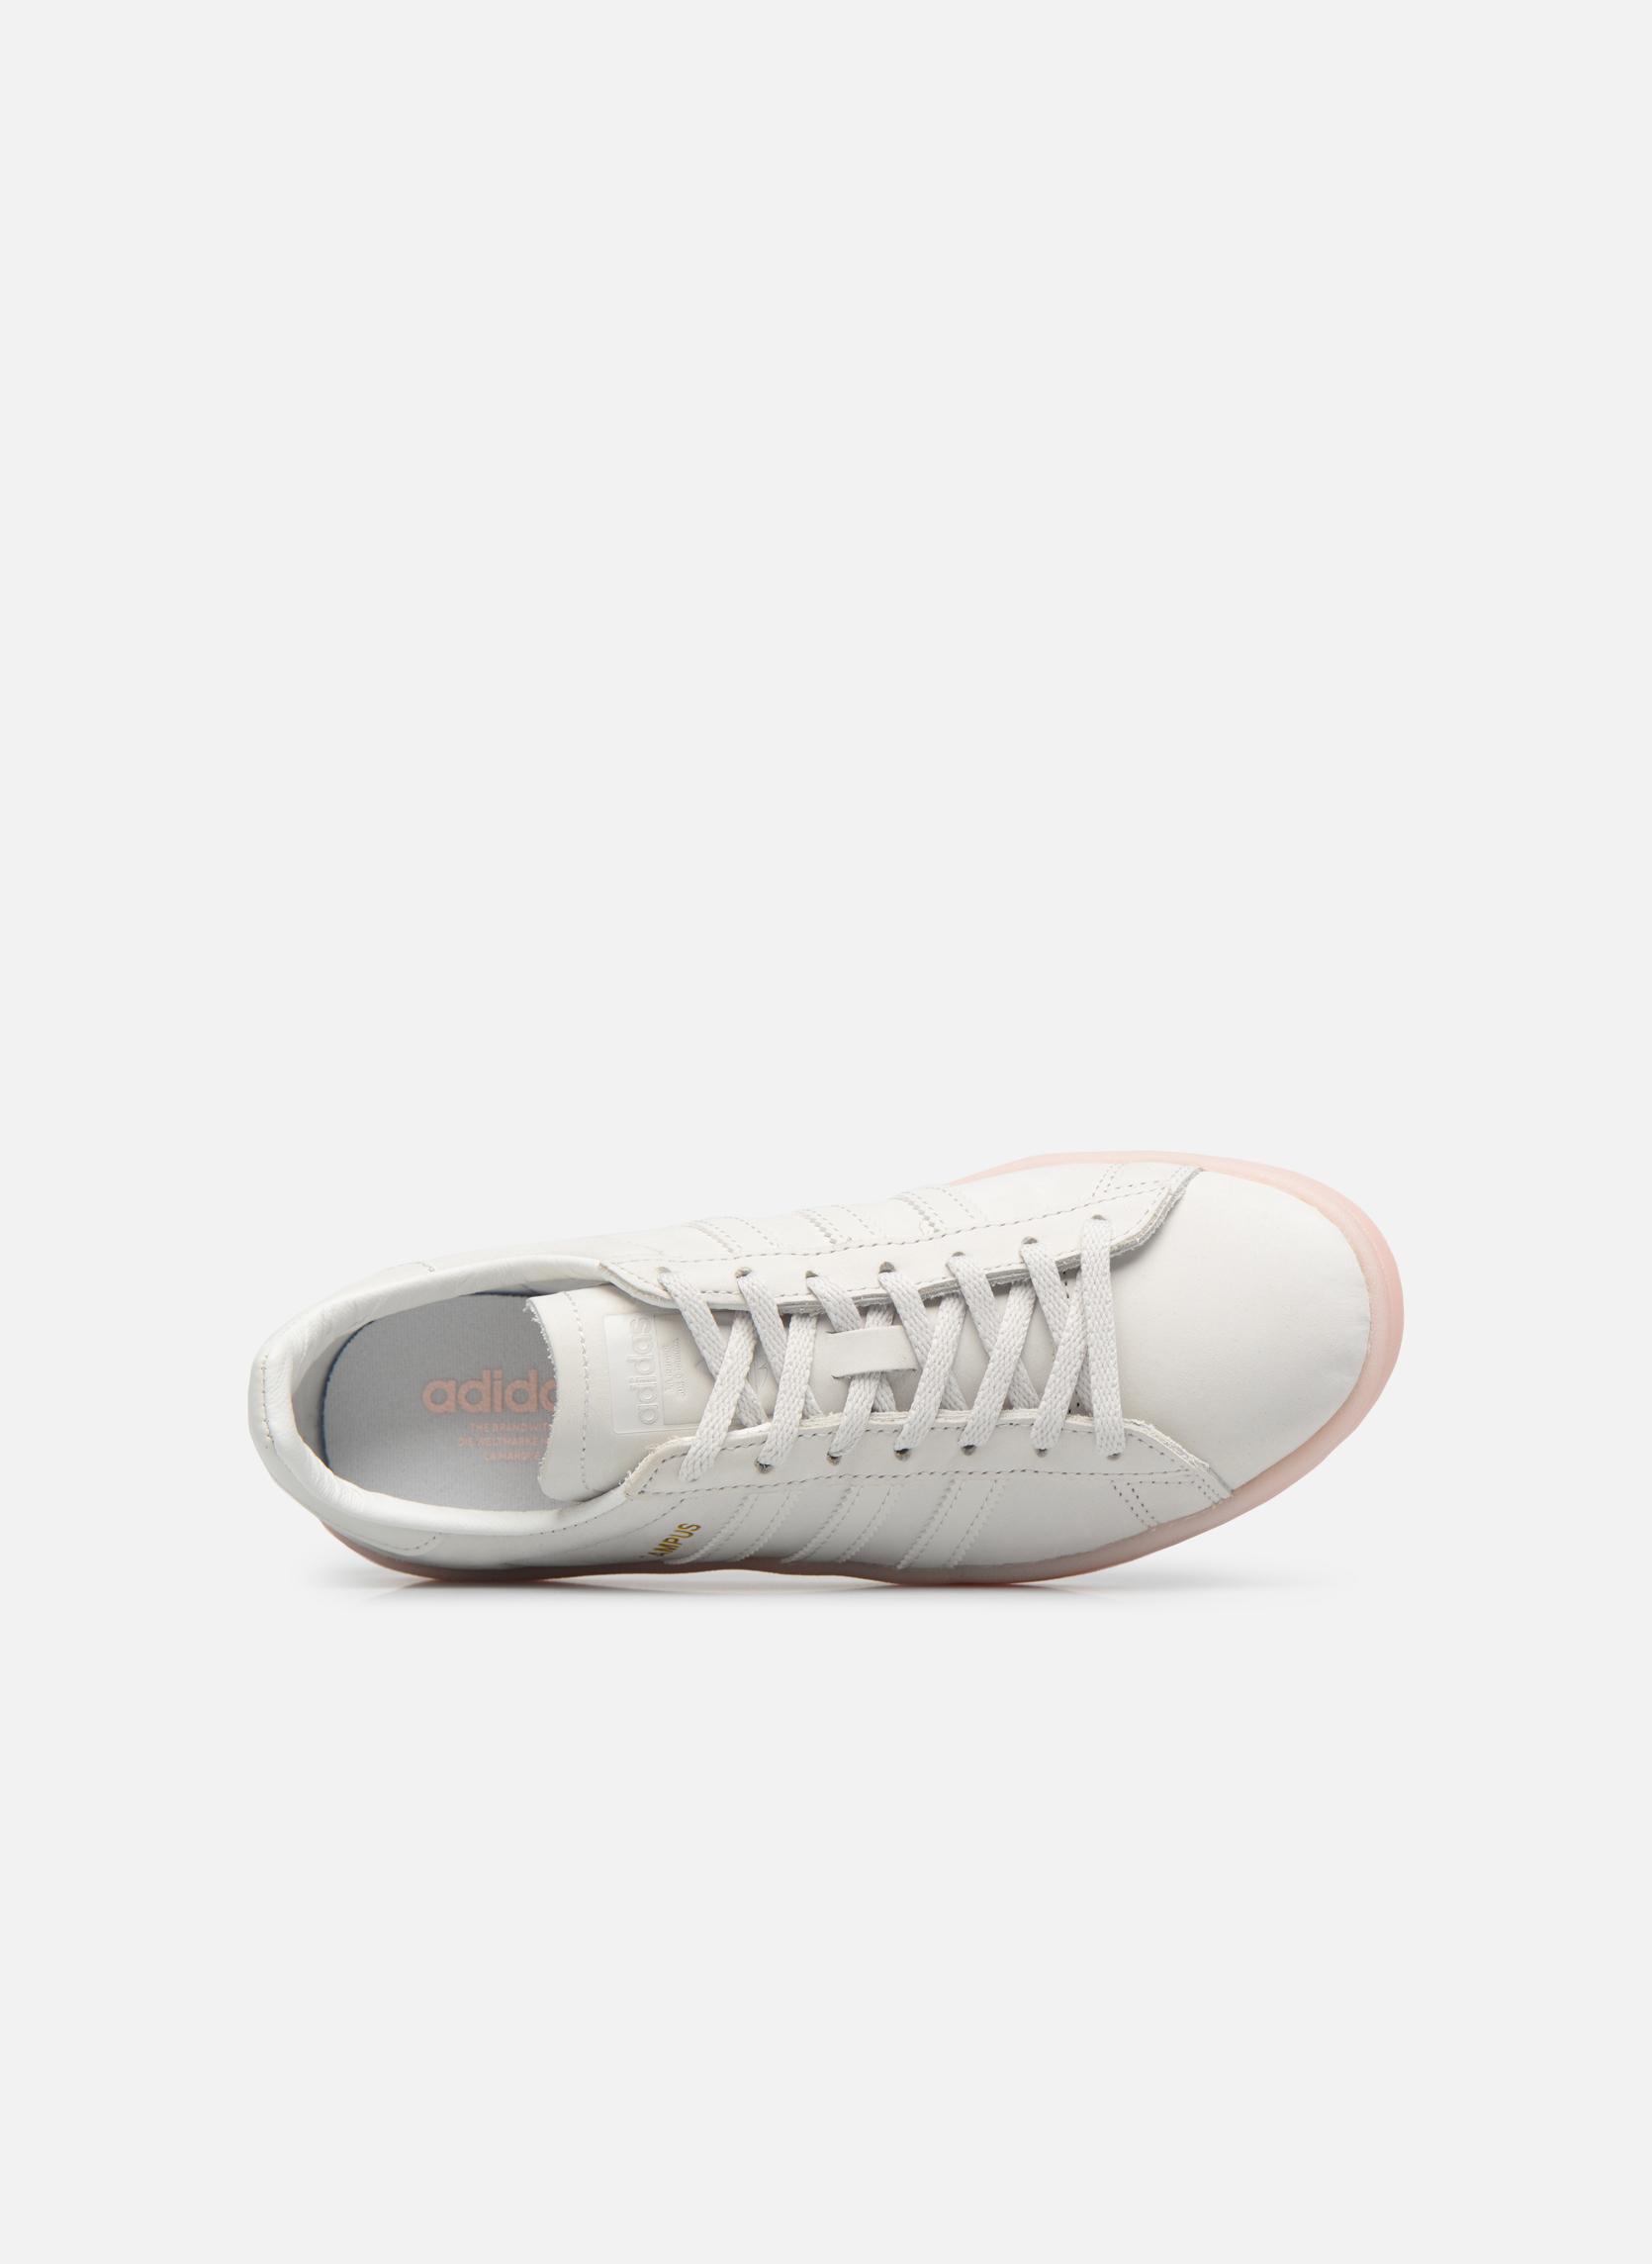 Adidas Originals Campus W Roze Extreem Online Officiële Online Te Koop 6CPOhEcq